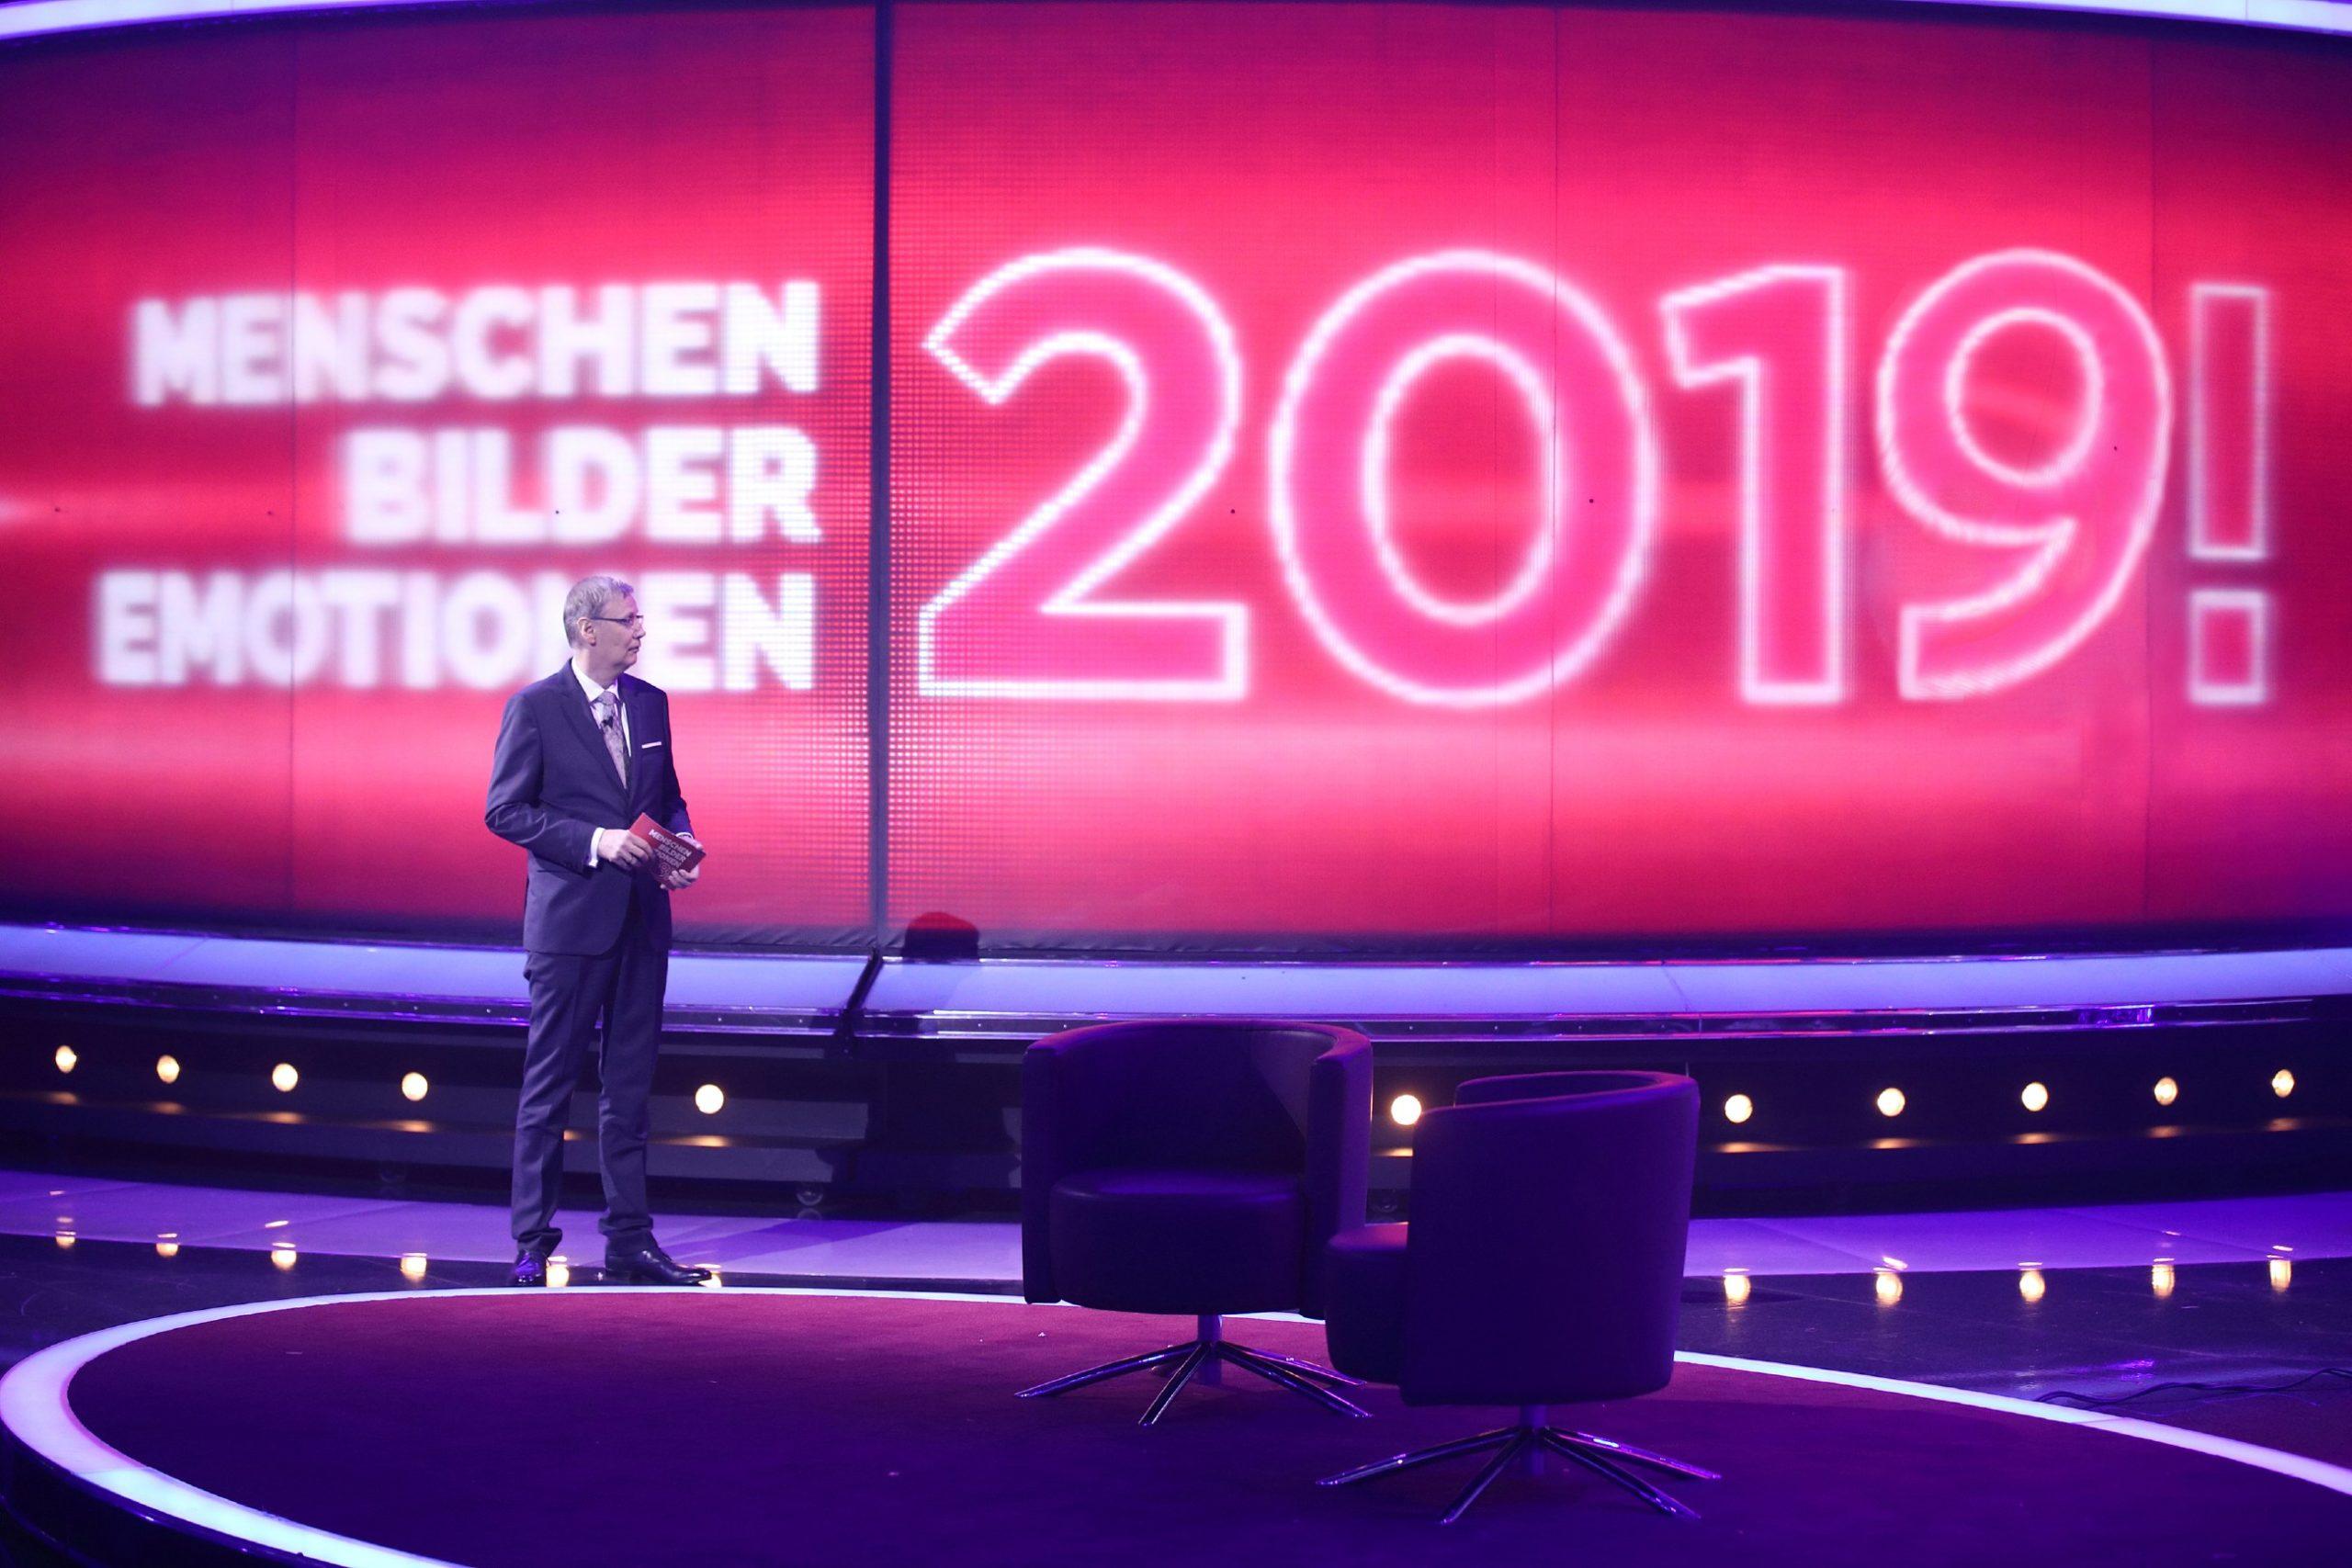 """Moderator Günther Jauch präsentiert den RTL-Jahresrückblick """"2019! Menschen, Bilder, Emotionen""""."""